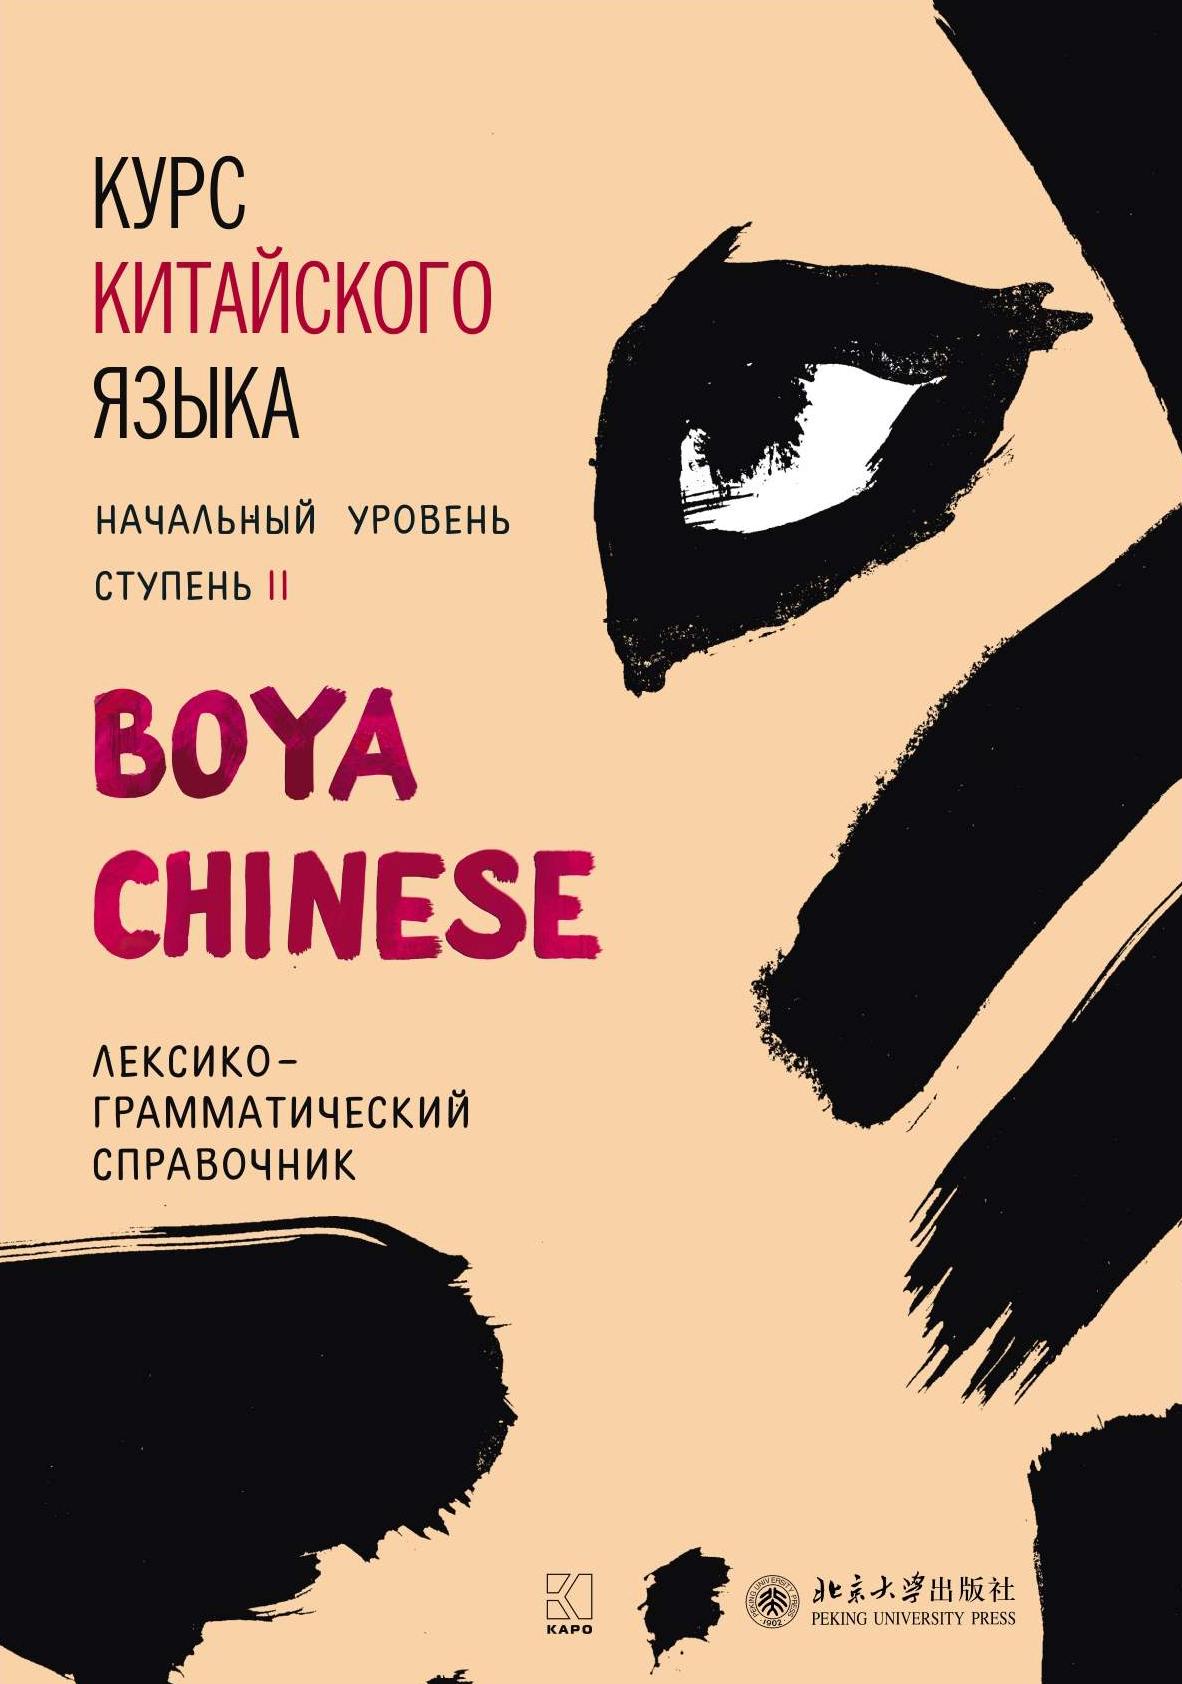 Ли Сяоци Курс китайского языка «Boya Chinese». Начальный уровень. Ступень II. Лексико-грамматический справочник скальп петуха veniard chinese cock cape